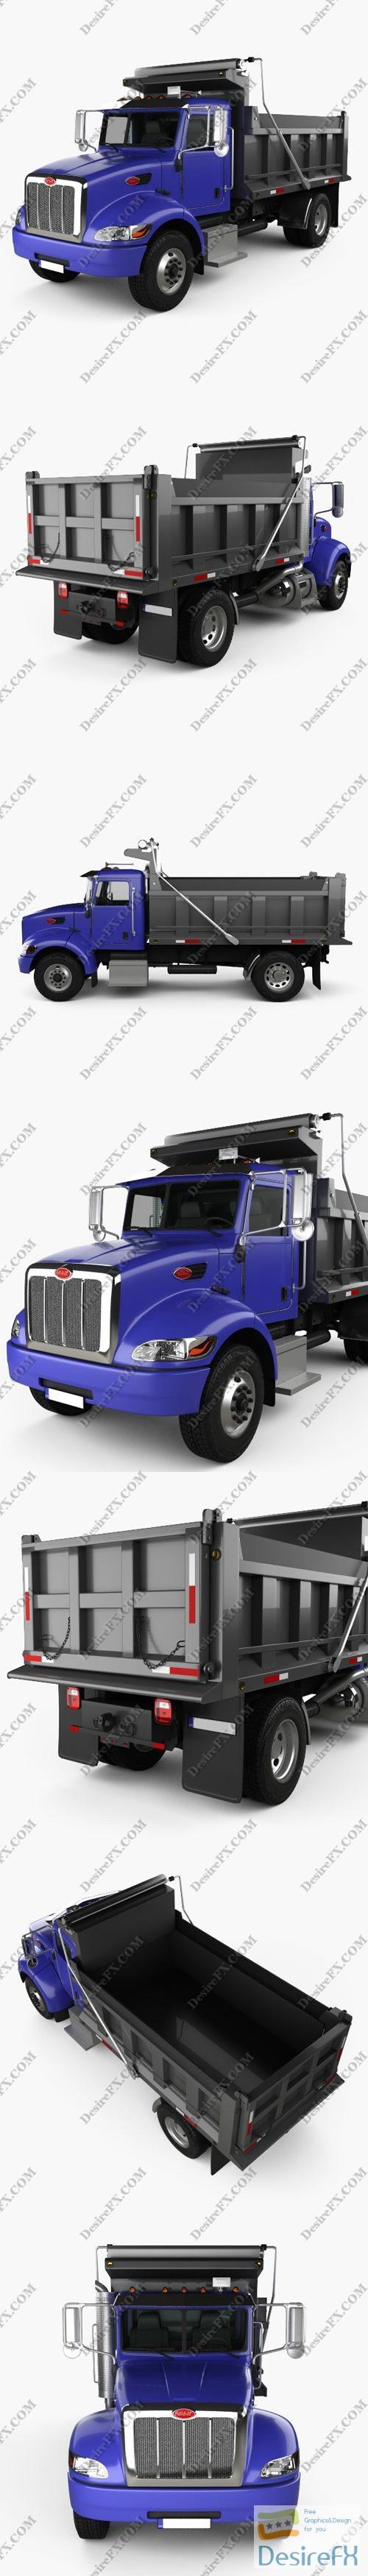 3d-models - Peterbilt 340 Dump Truck 2009 3D Model